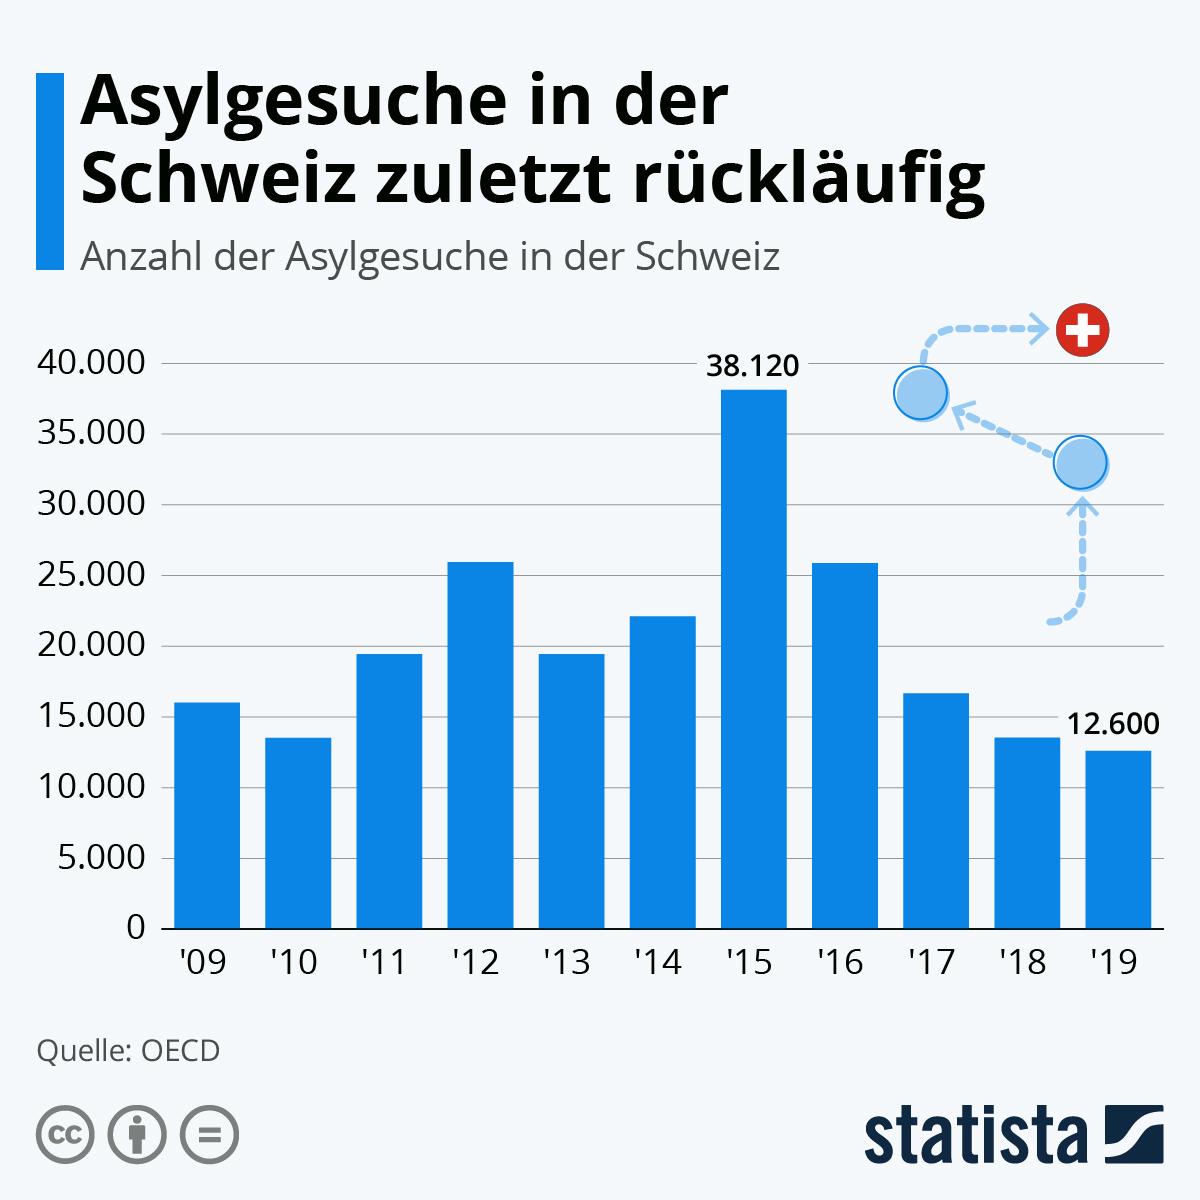 Infografik: Asylgesuche in der Schweiz rückläufig | Statista